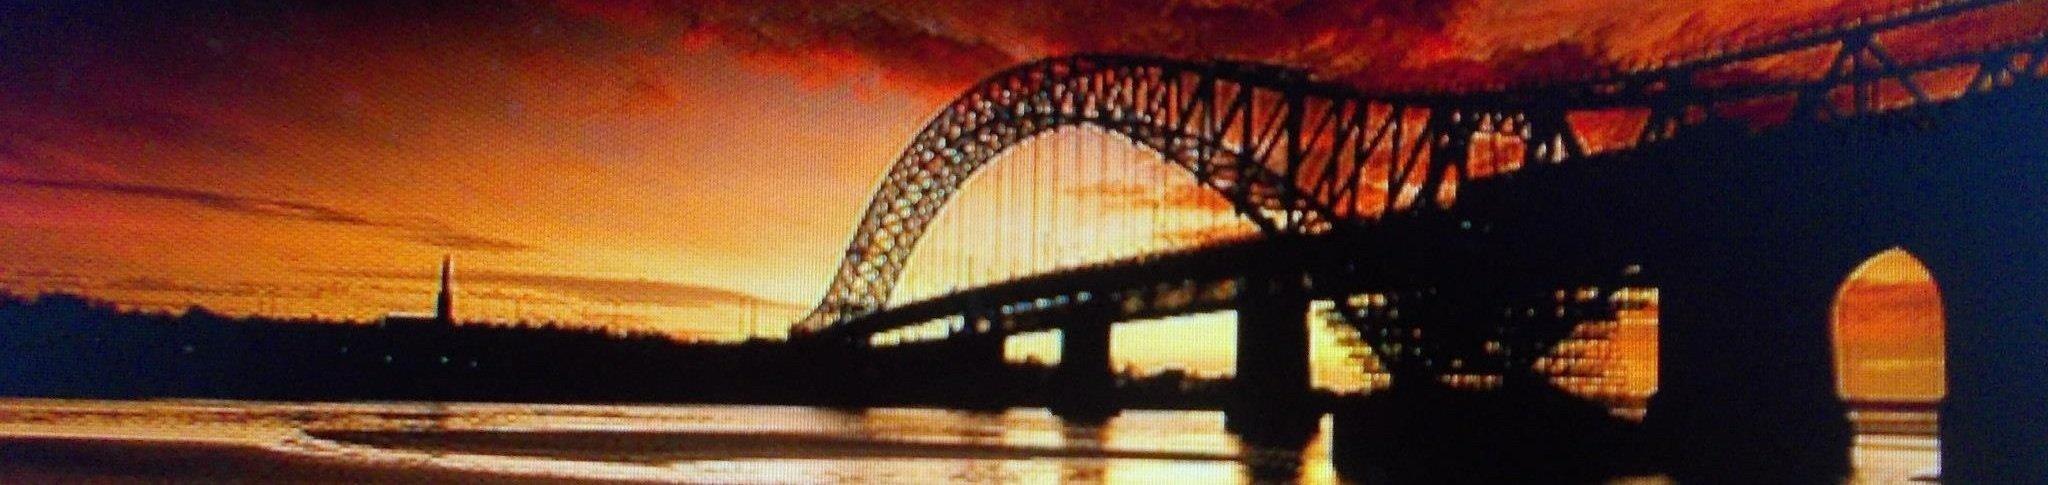 Runcorn Bridge at sunset